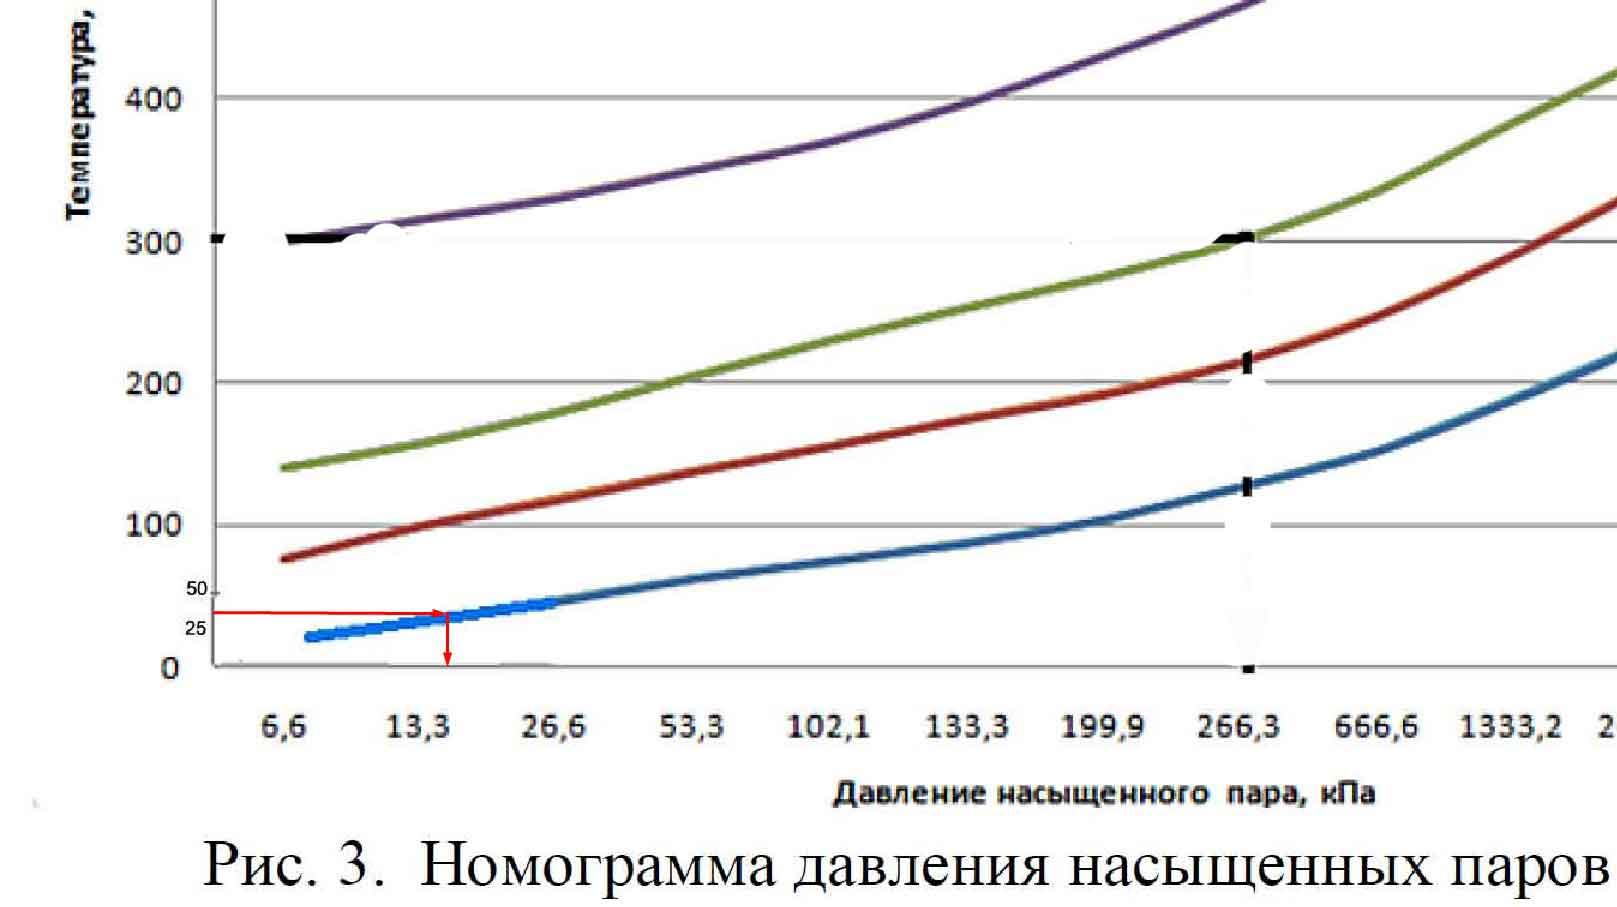 определение давления насыщенных паров нефтепродуктов